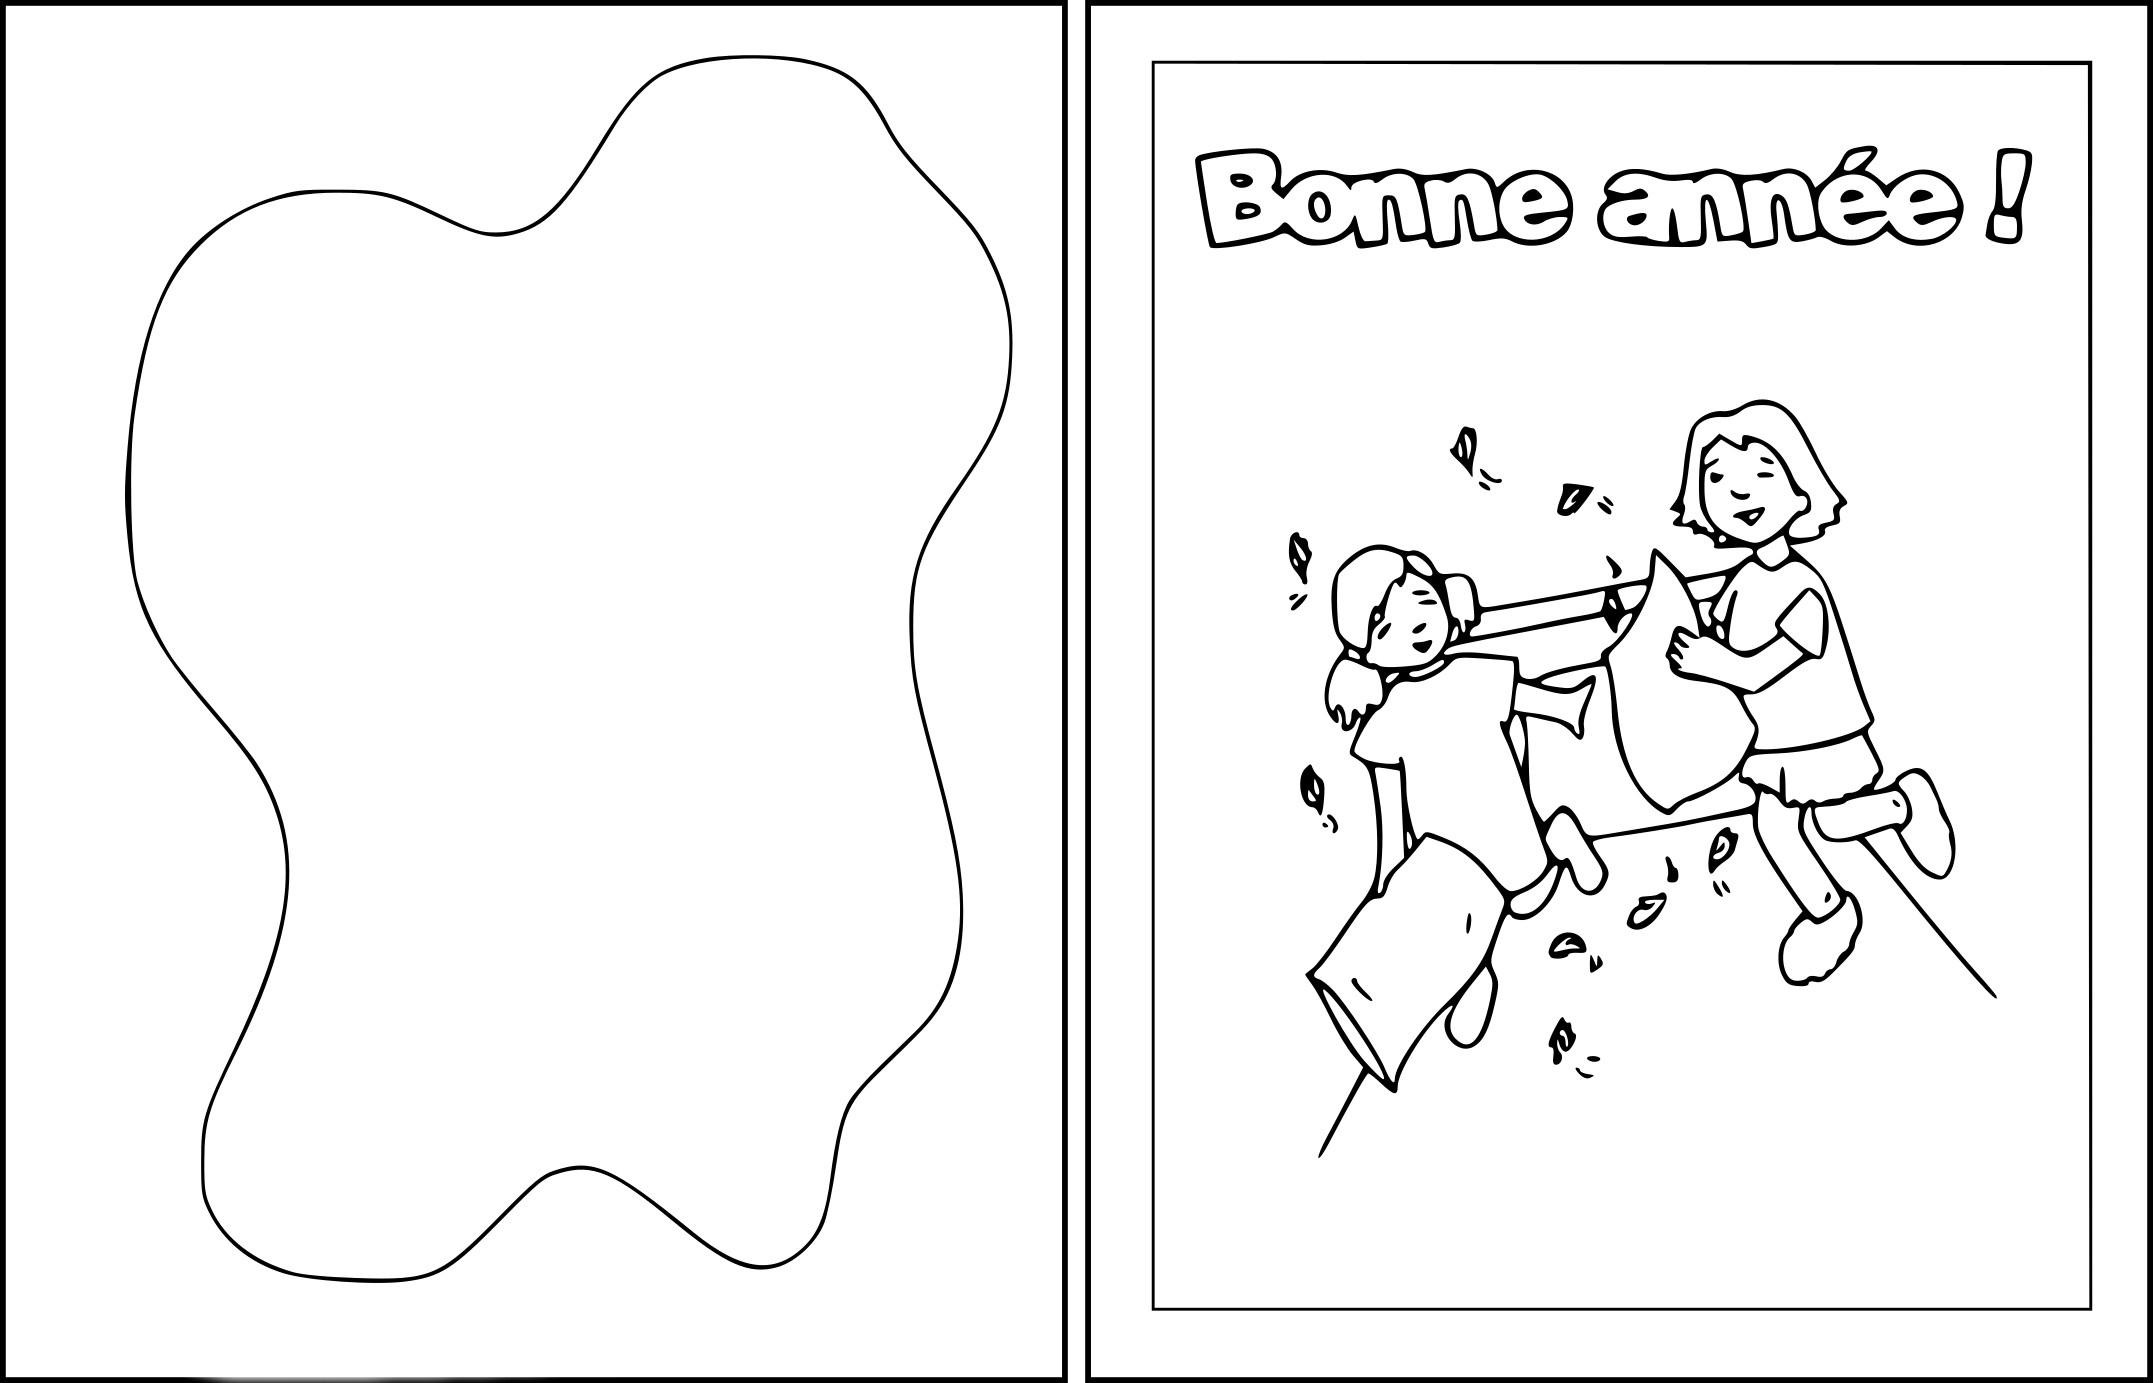 Coloriage Carte Voeux Bonne Année À Imprimer Sur Coloriages concernant Carte De Bonne Année Gratuite A Imprimer